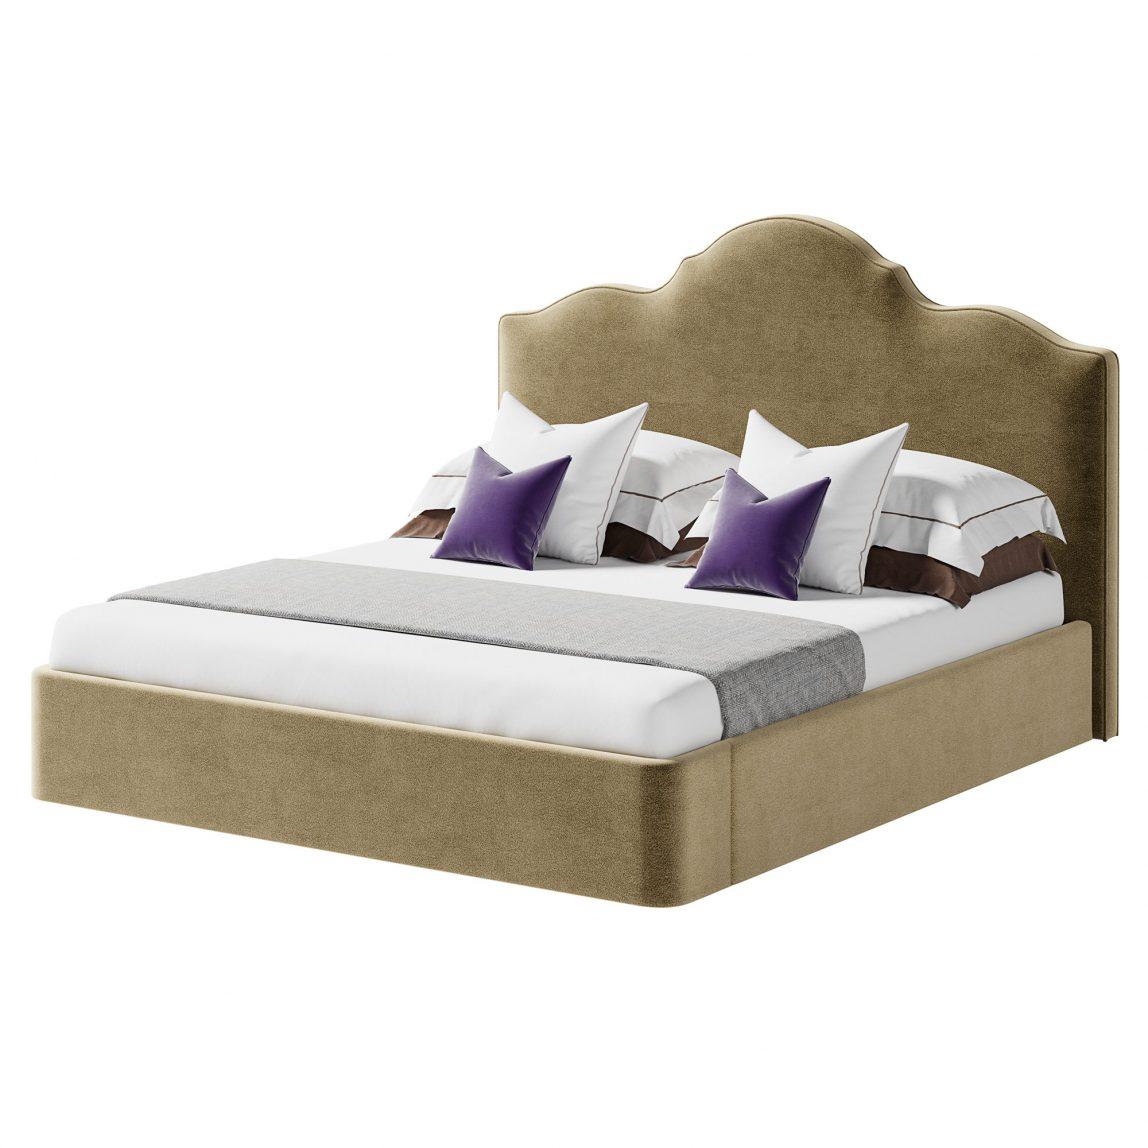 Современная кровать Диас